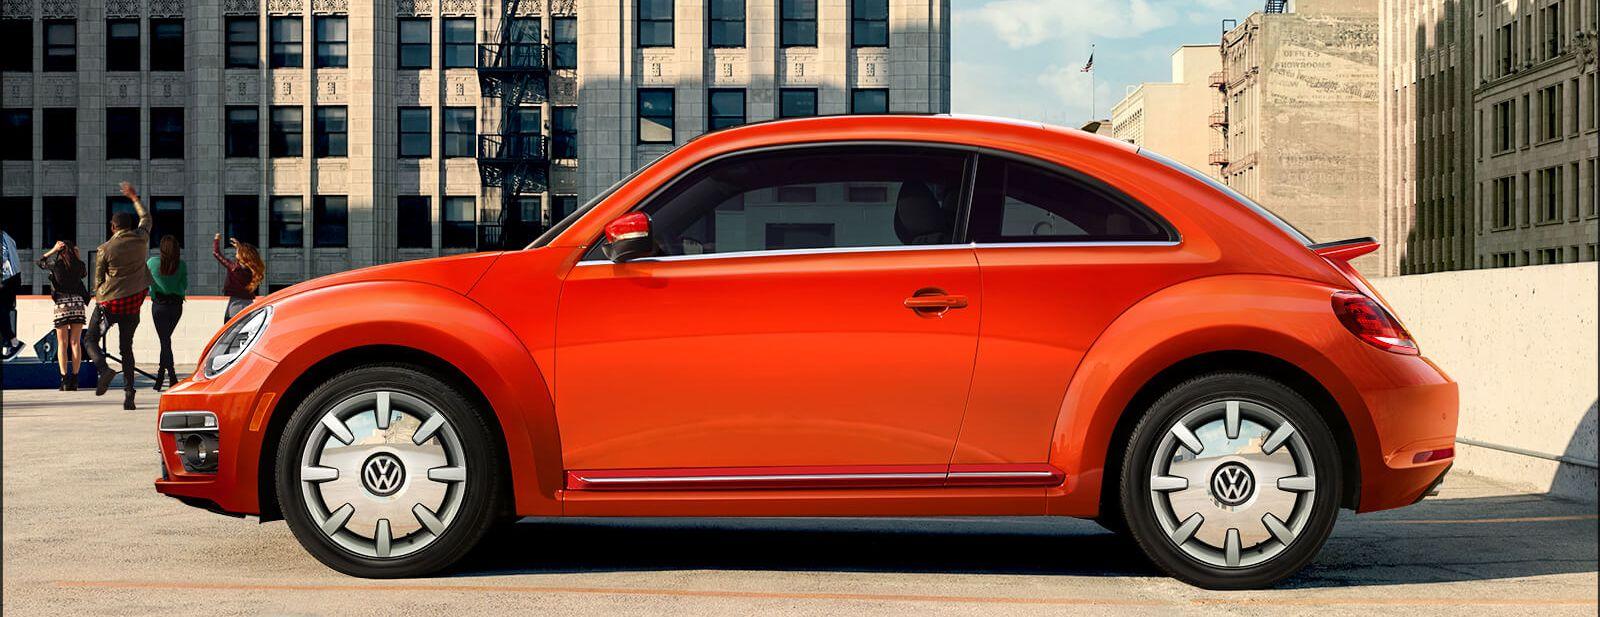 2019 Volkswagen Beetle Leasing near Washington, DC